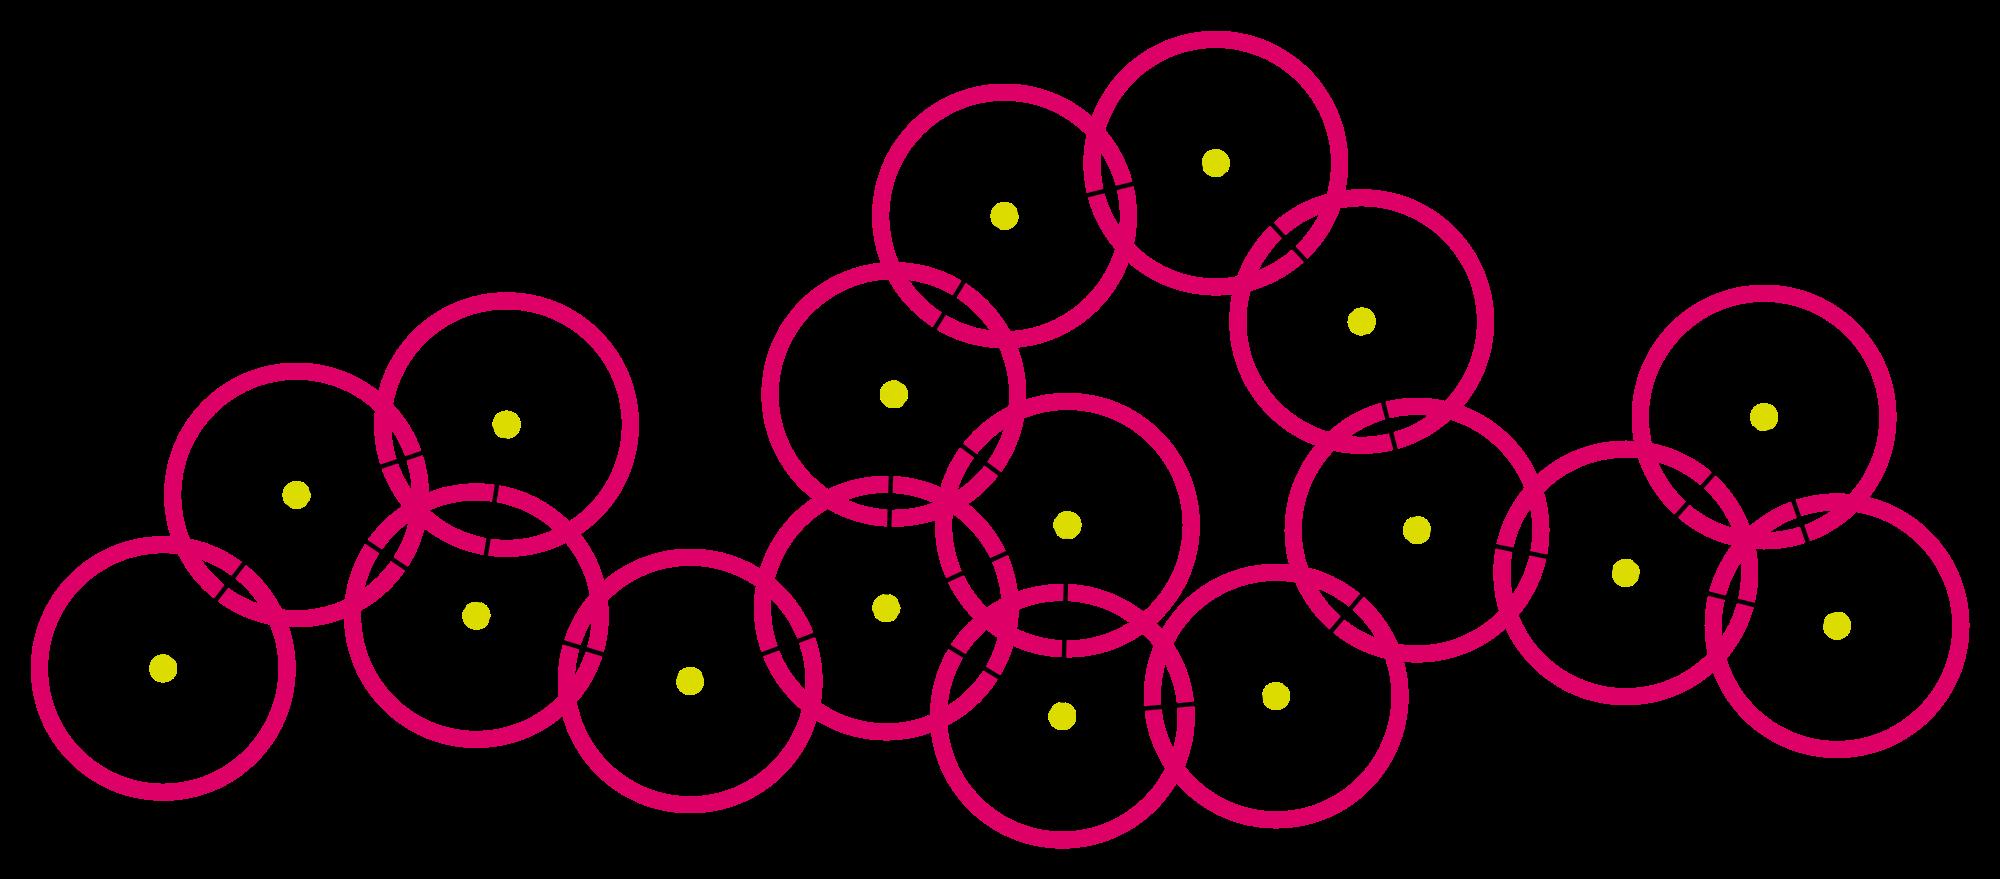 Stilisierte Zeichnung eines Mesh-Netzwerks